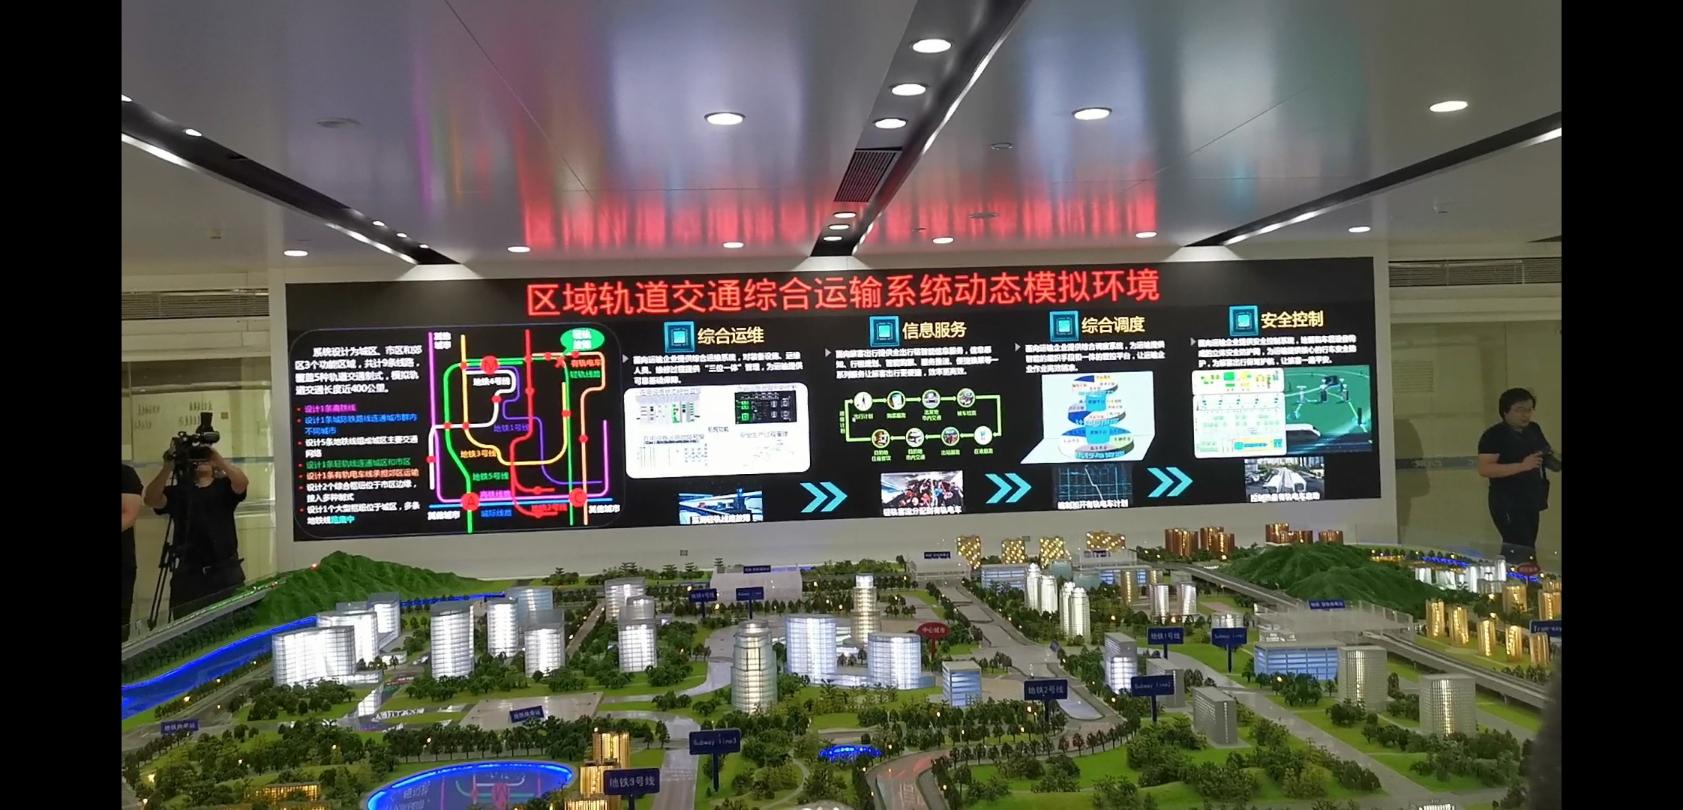 科创板中国通号公众开放日 现场解析公司技术壁垒